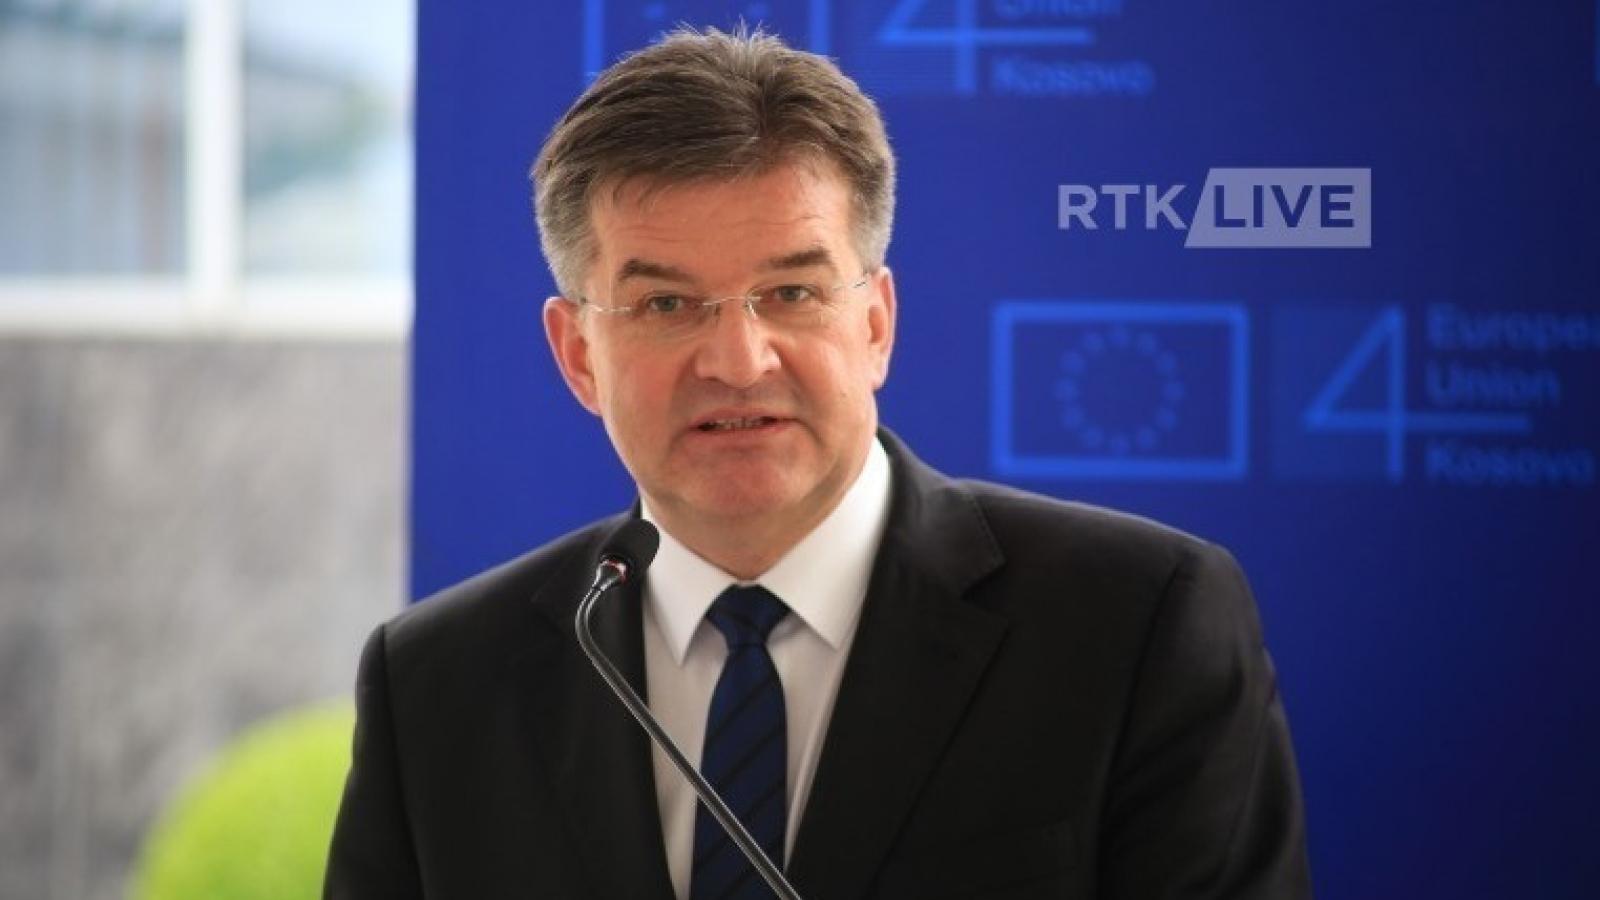 EU chuẩn bị tiến hành cuộc họp cấp cao về Kosovo và Serbia